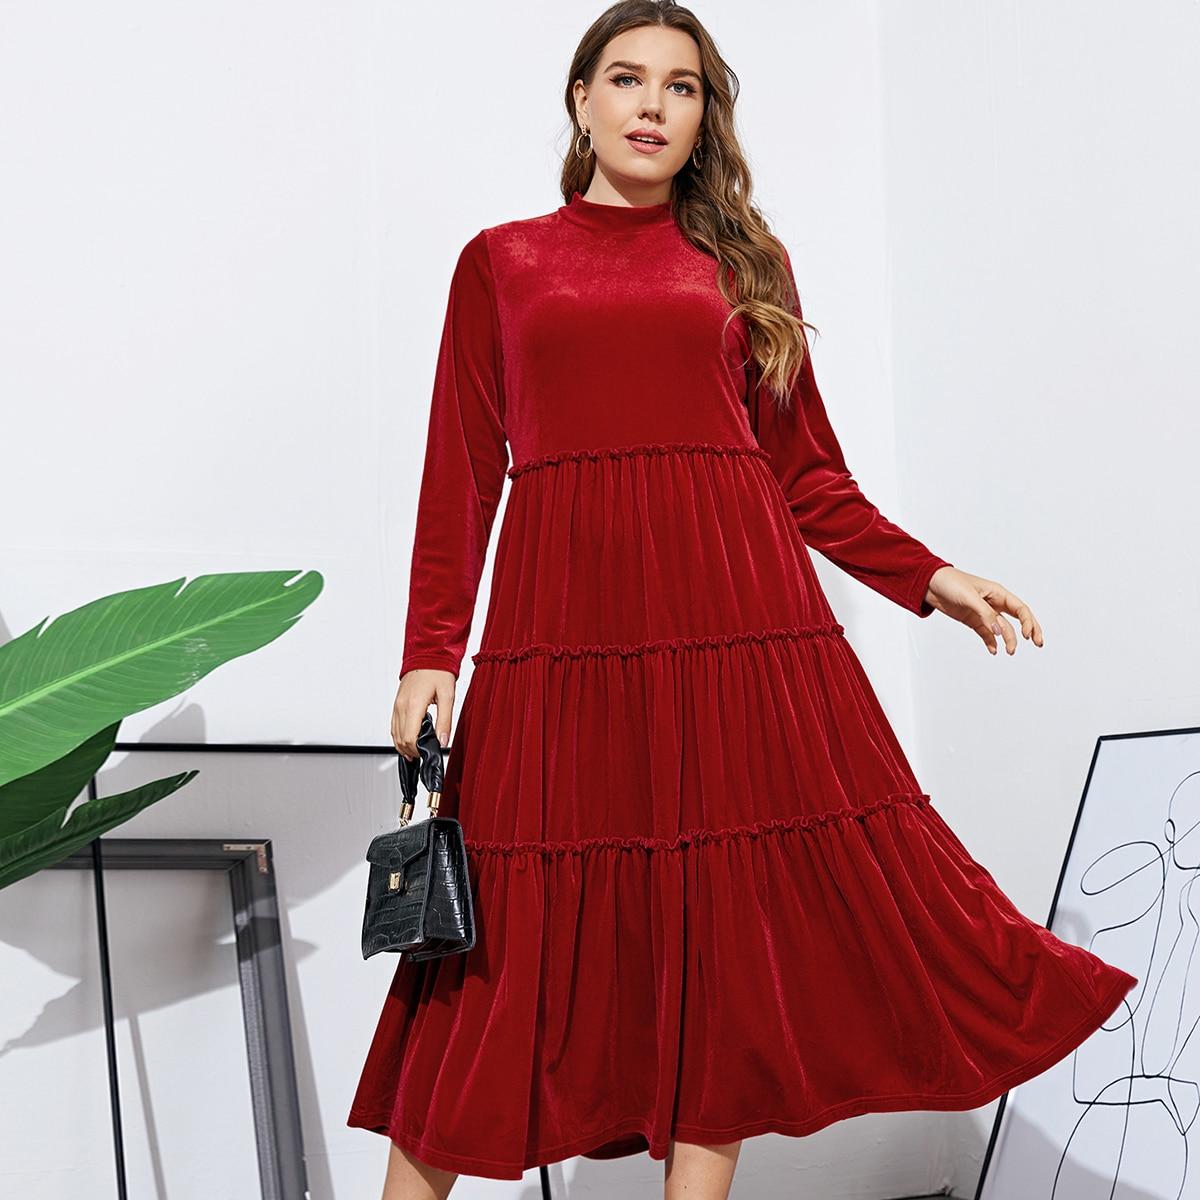 Оборка Одноцветный Повседневный Платья размер плюс